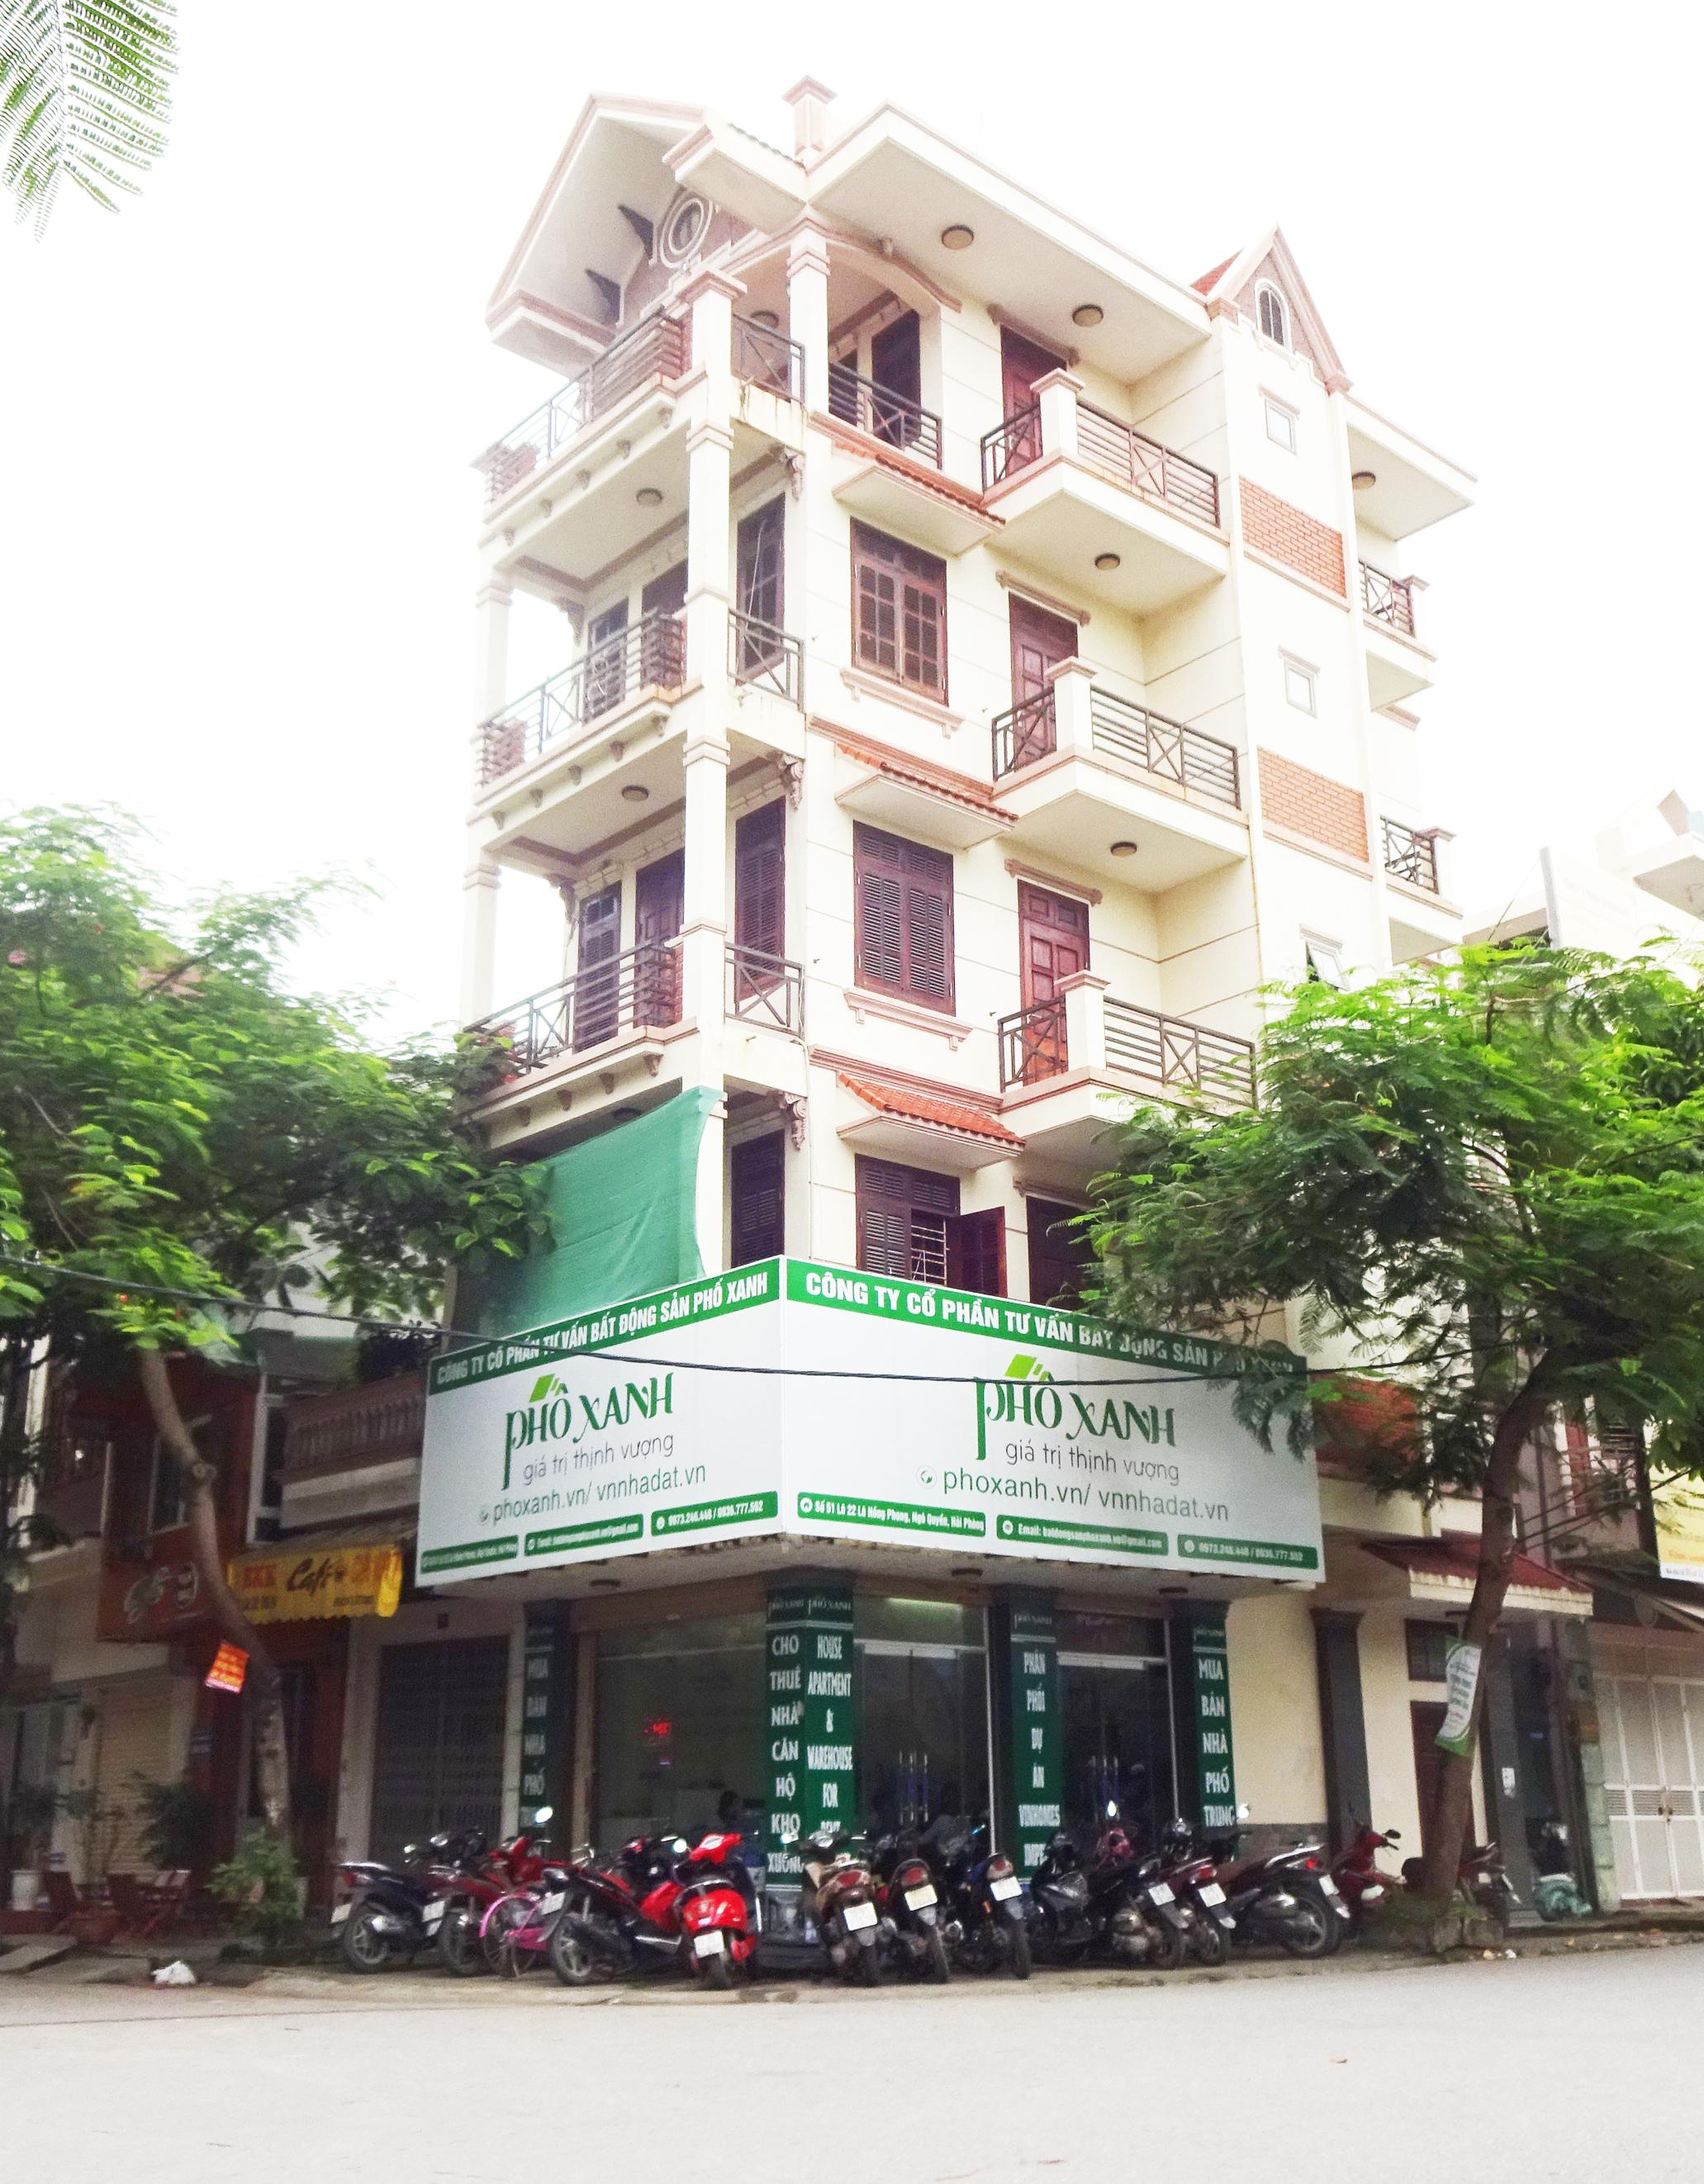 Công ty Cổ Phần Tư Vấn Bất Động Sản Phố Xanh  Số 51 Lô 22 Lê Hồng Phong, Ngô Quyền, Hải Phòng